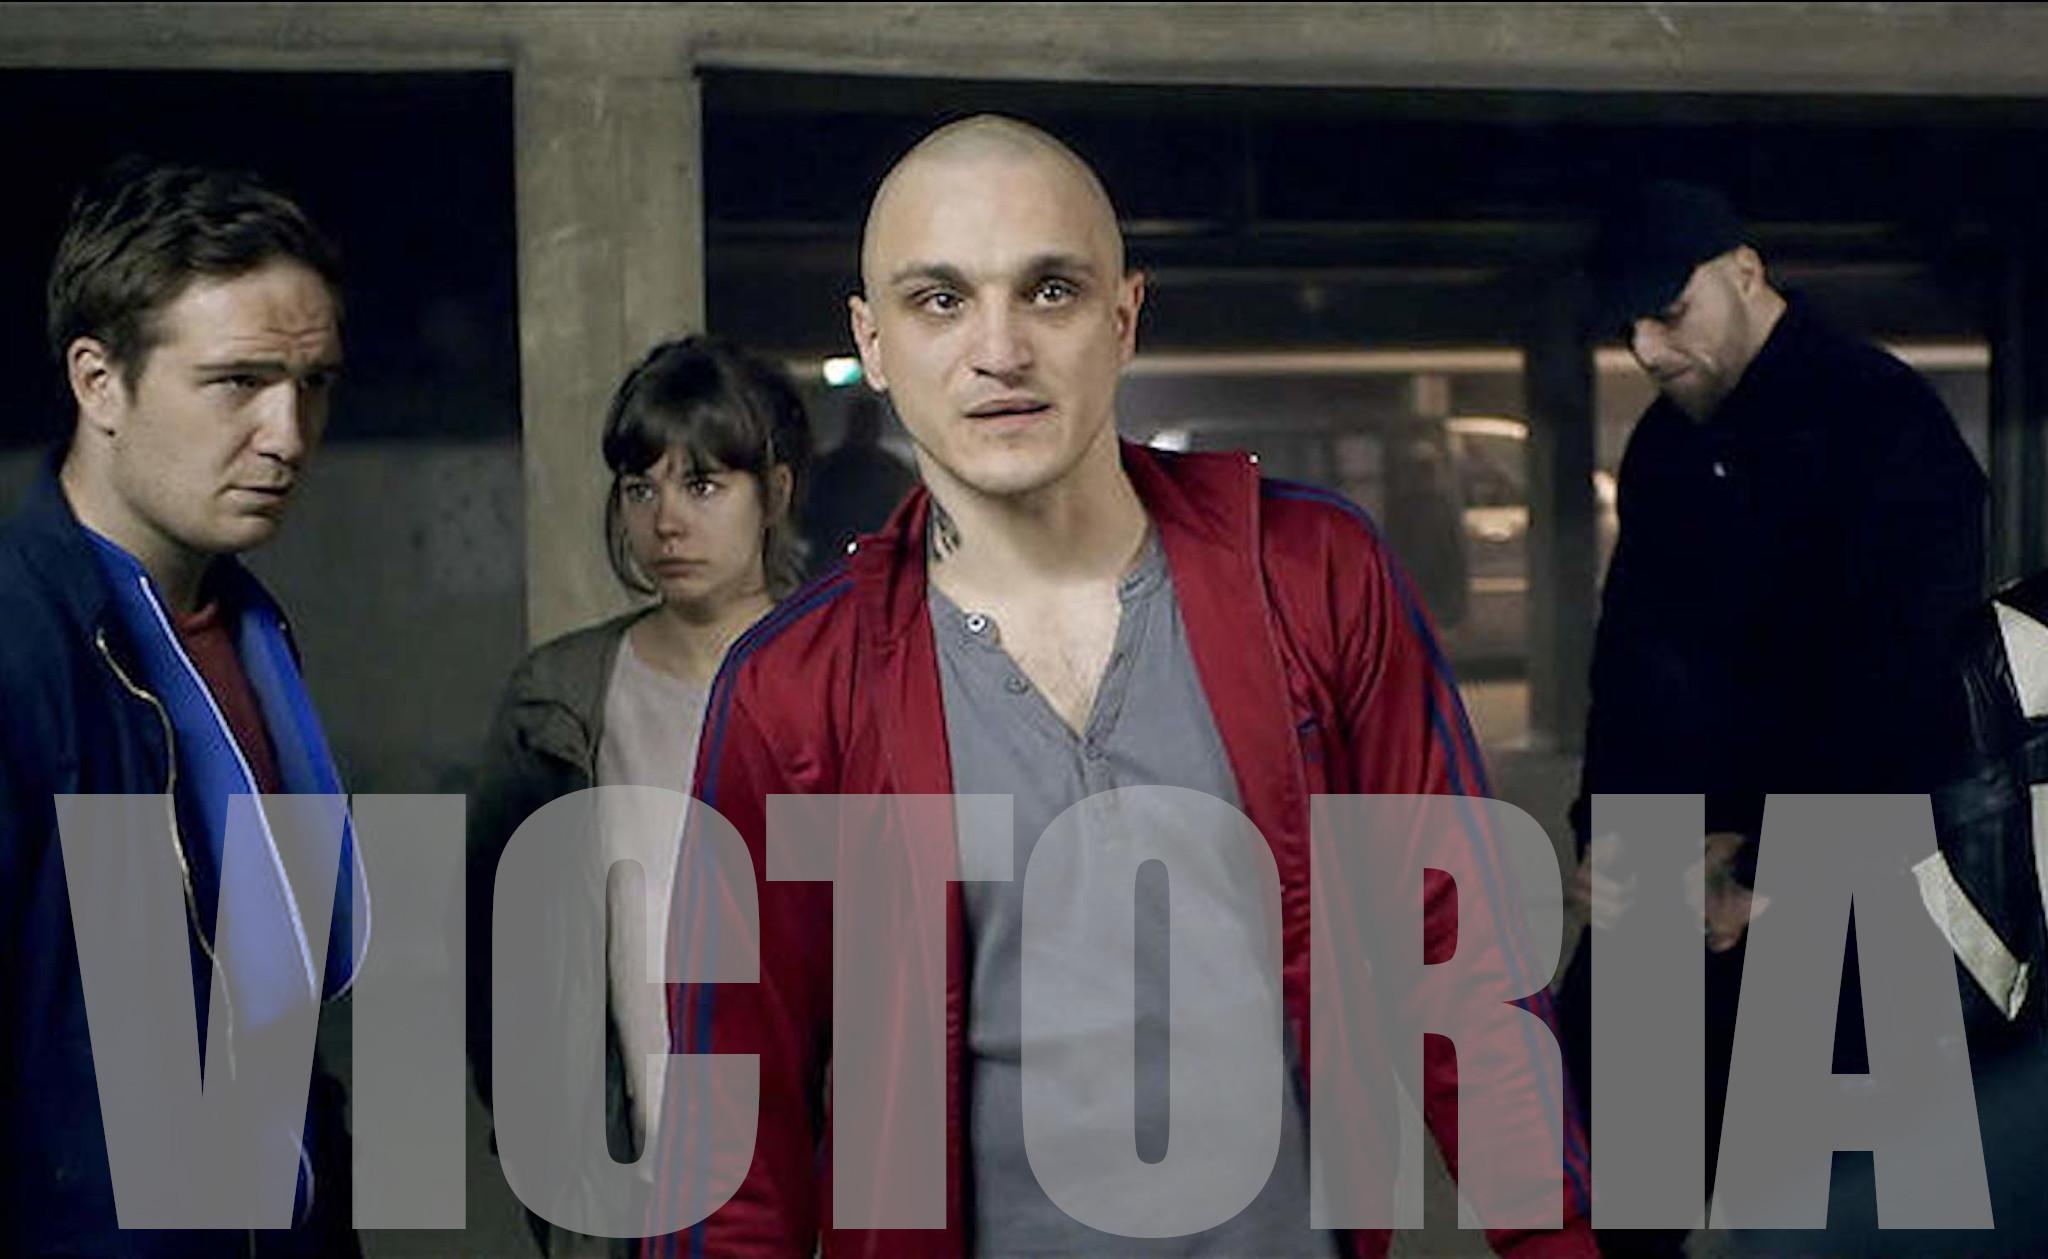 jugendkulturjahr-2020-ratingen-jkj2020-filmnacht-victoria-02